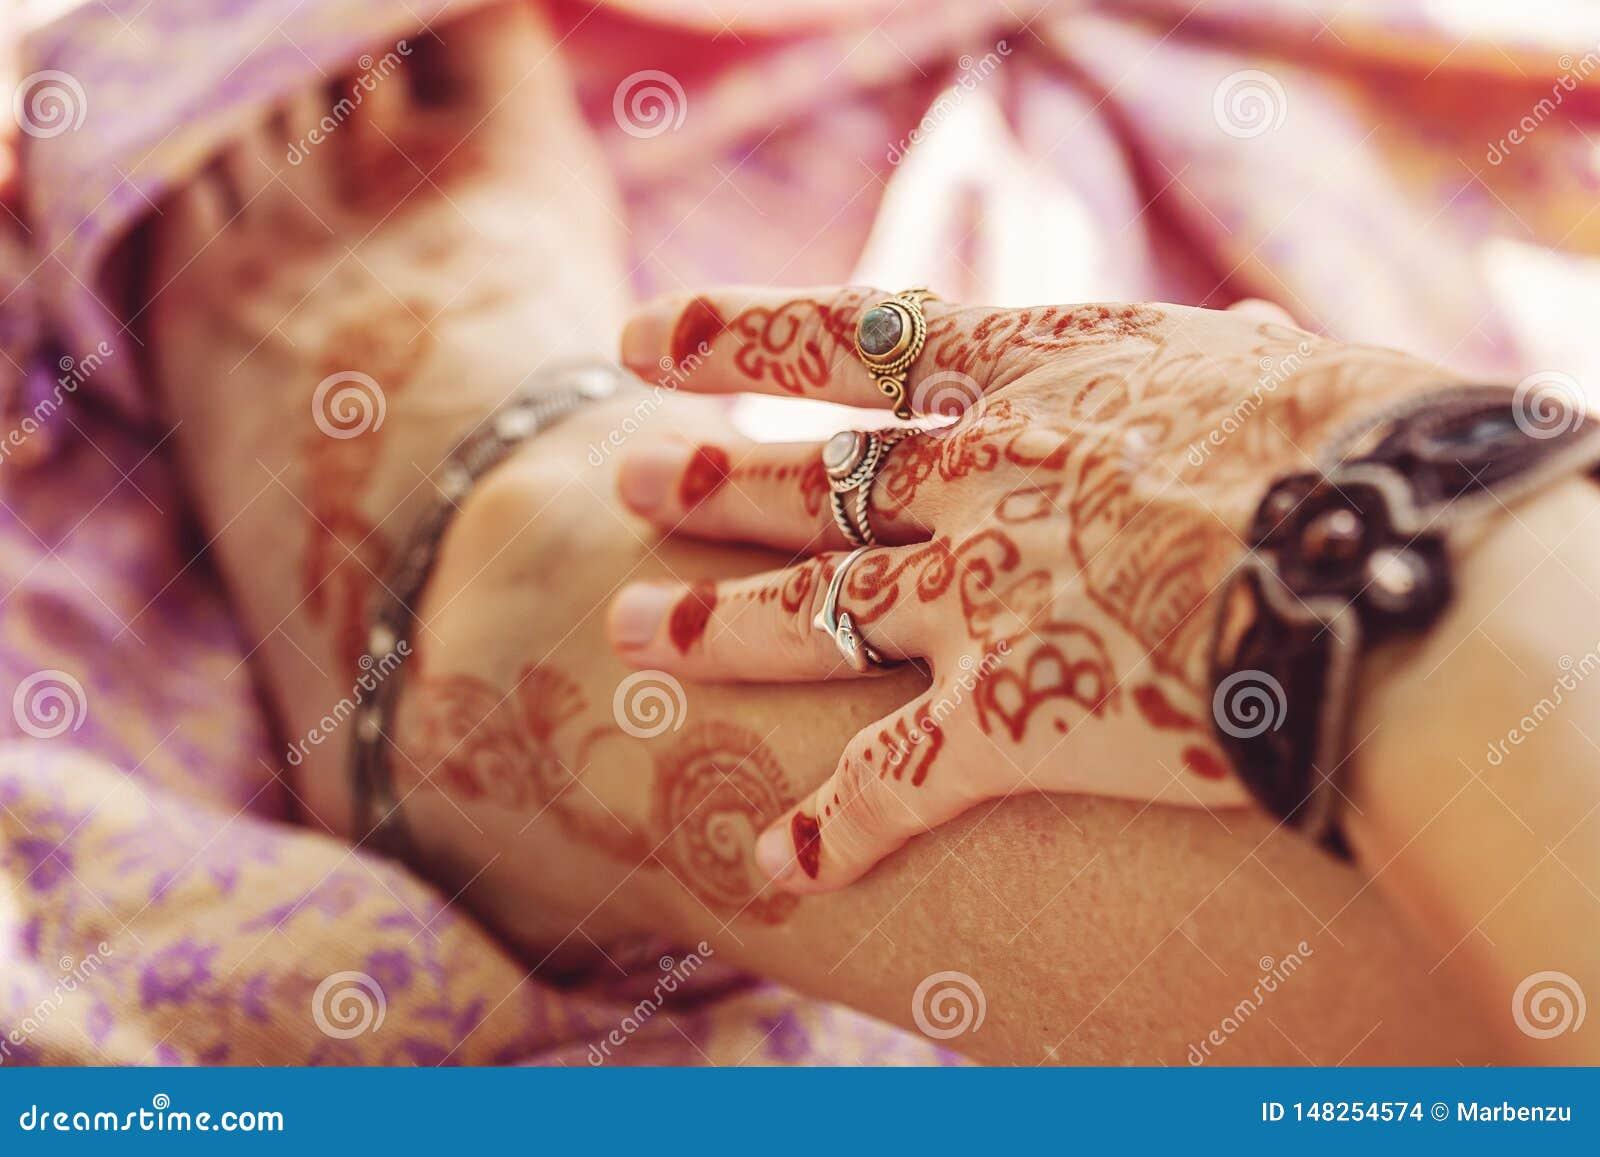 Den kvinnliga handen och lägger benen på ryggen dekorerat